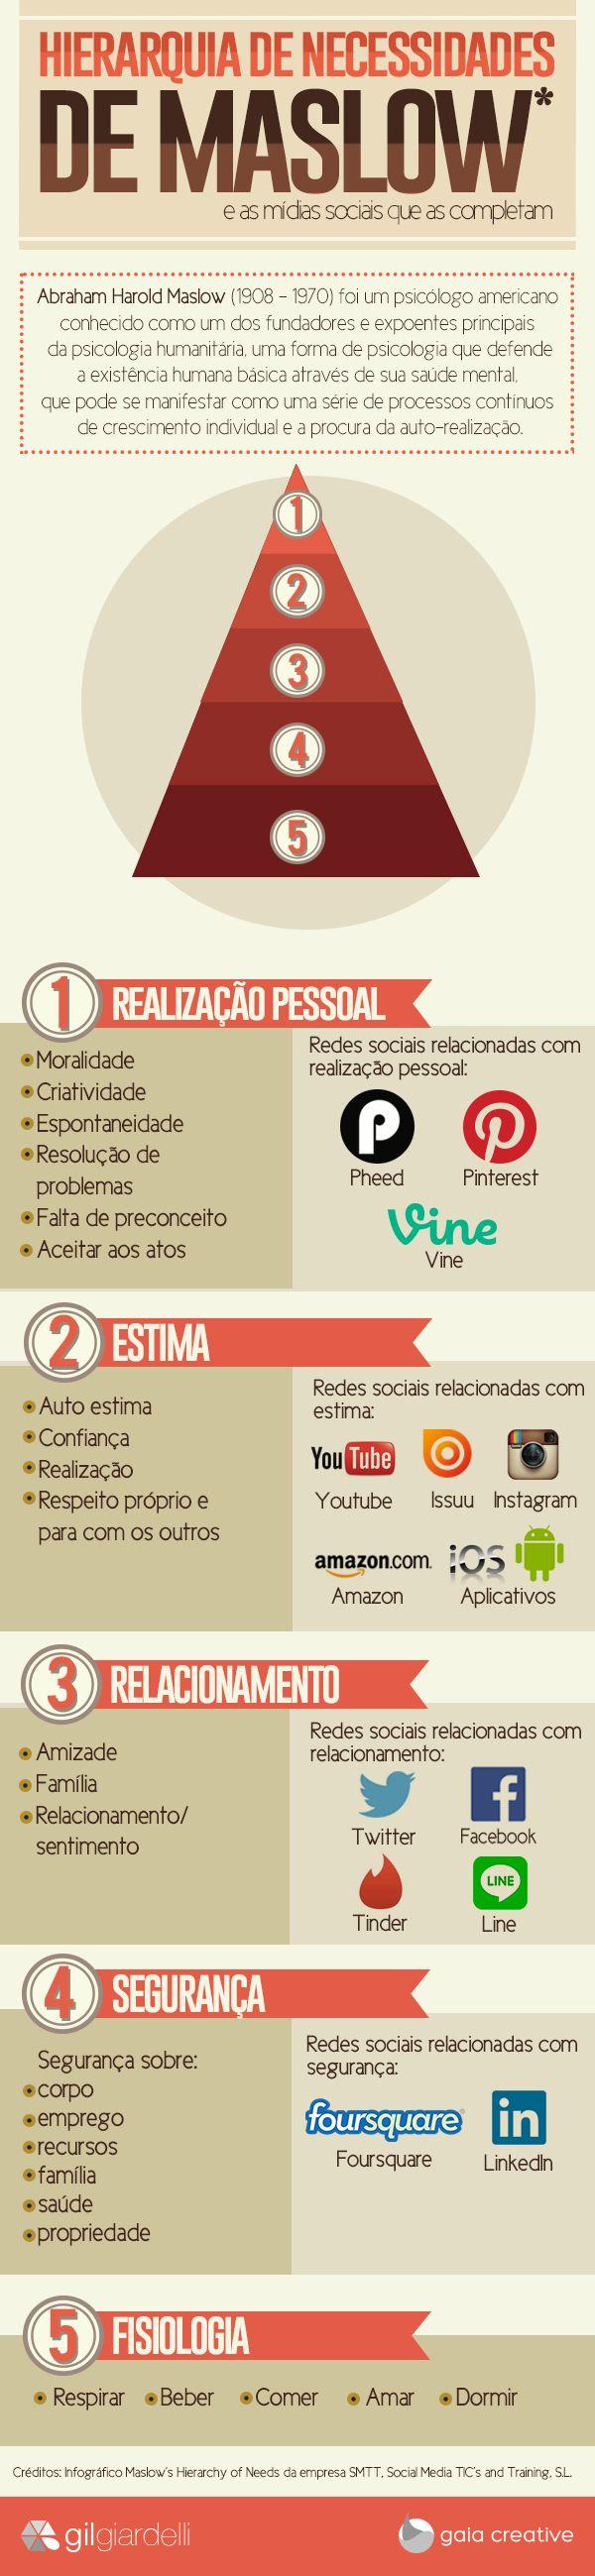 infografico_Maslow